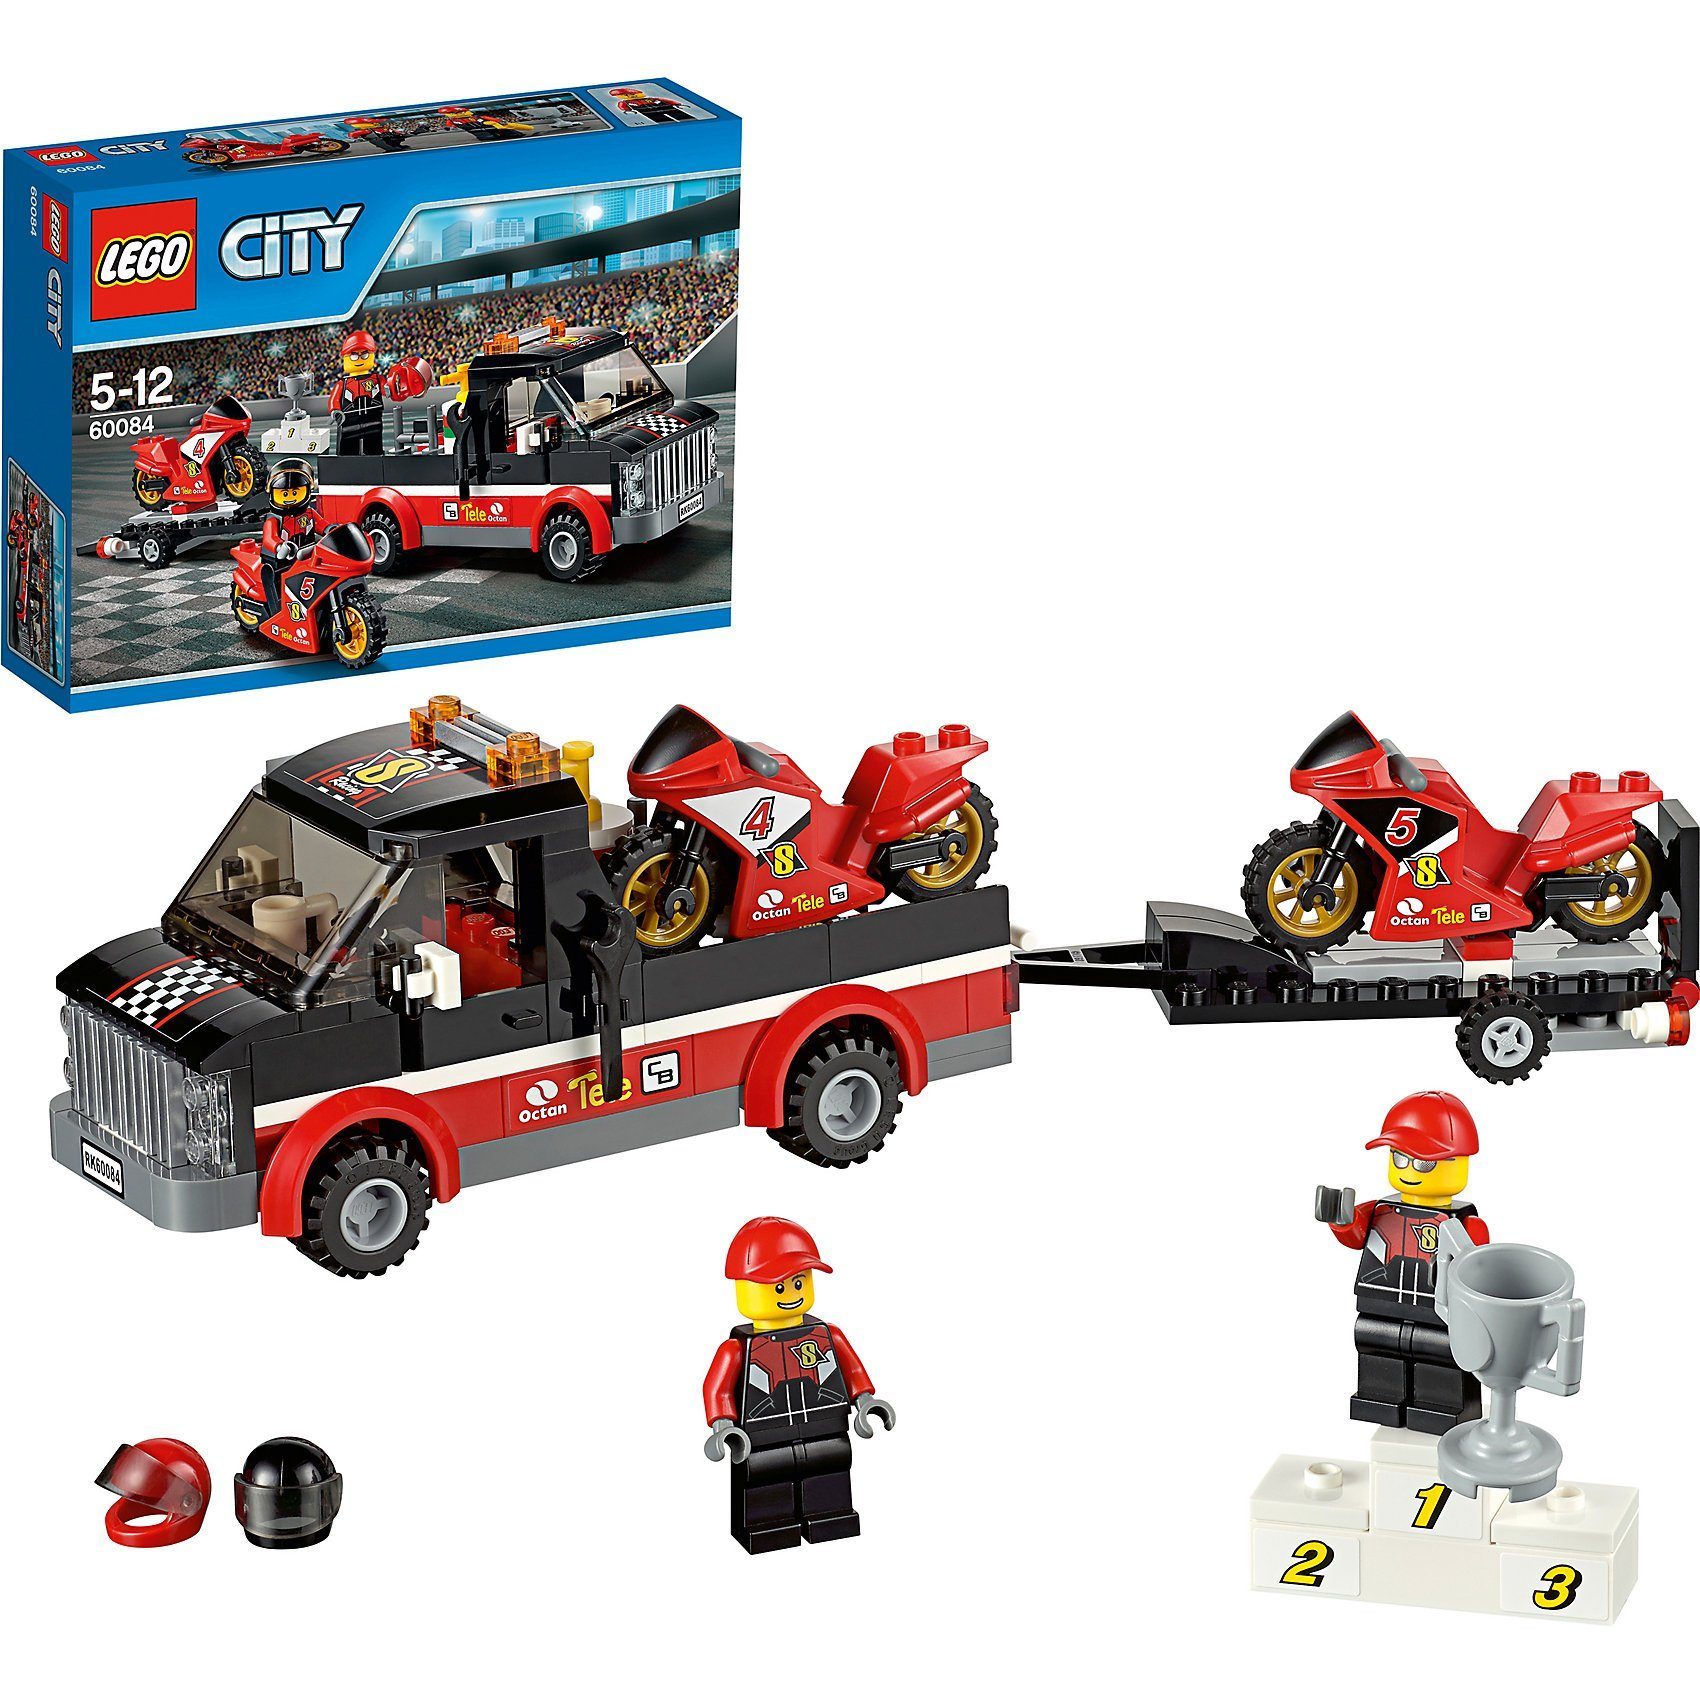 LEGO 60084 City: Rennmotorrad-Transporter